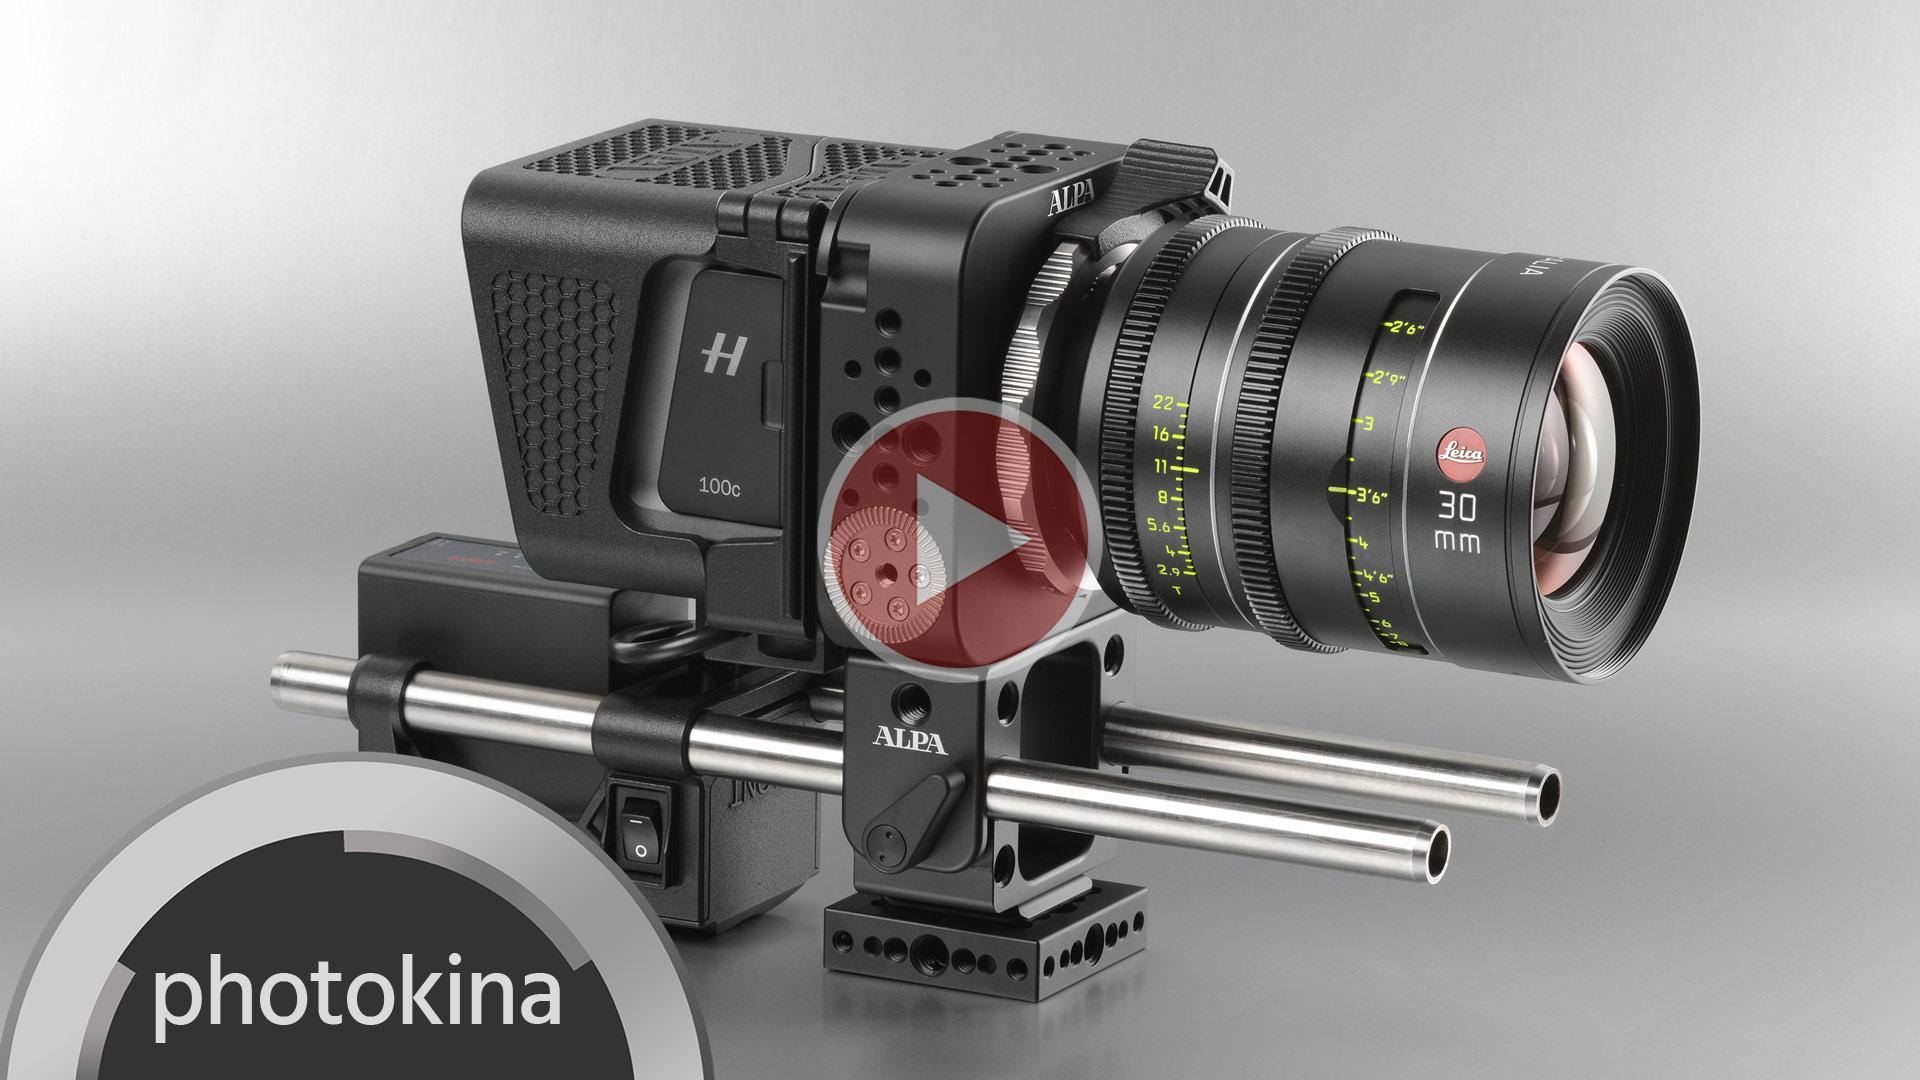 ALPA PLATON – Nueva carcasa para cámaras Hasselblad de formato medio permite video RAW en 4K